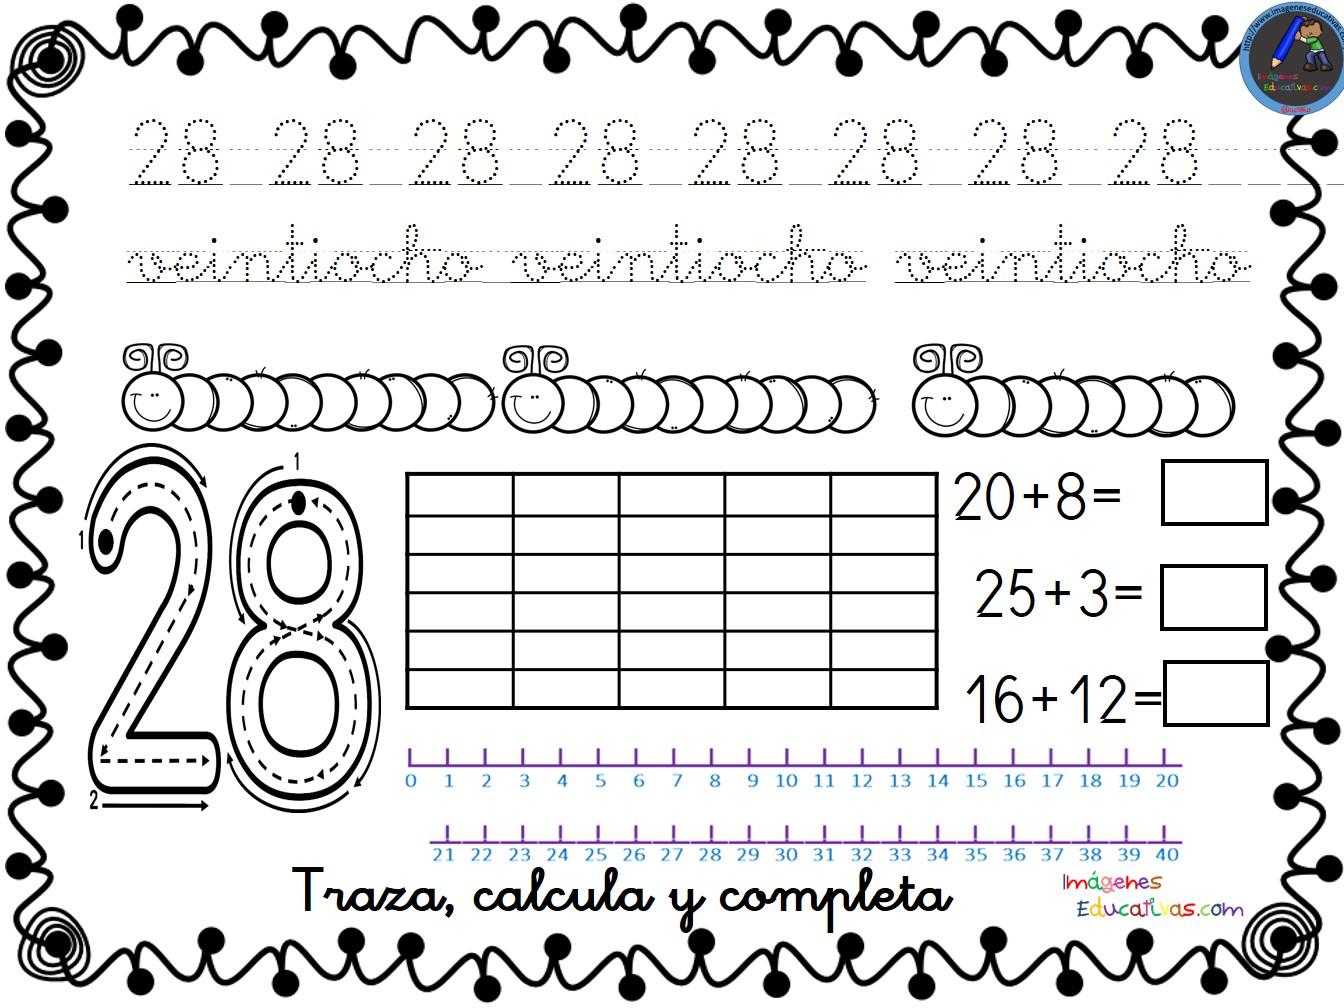 Dibujos Para Colorear De Los Numeros Del 1 Al 20: Numeros Para Imprimir Del 1 Al 20 ALOjamiento De IMgenes